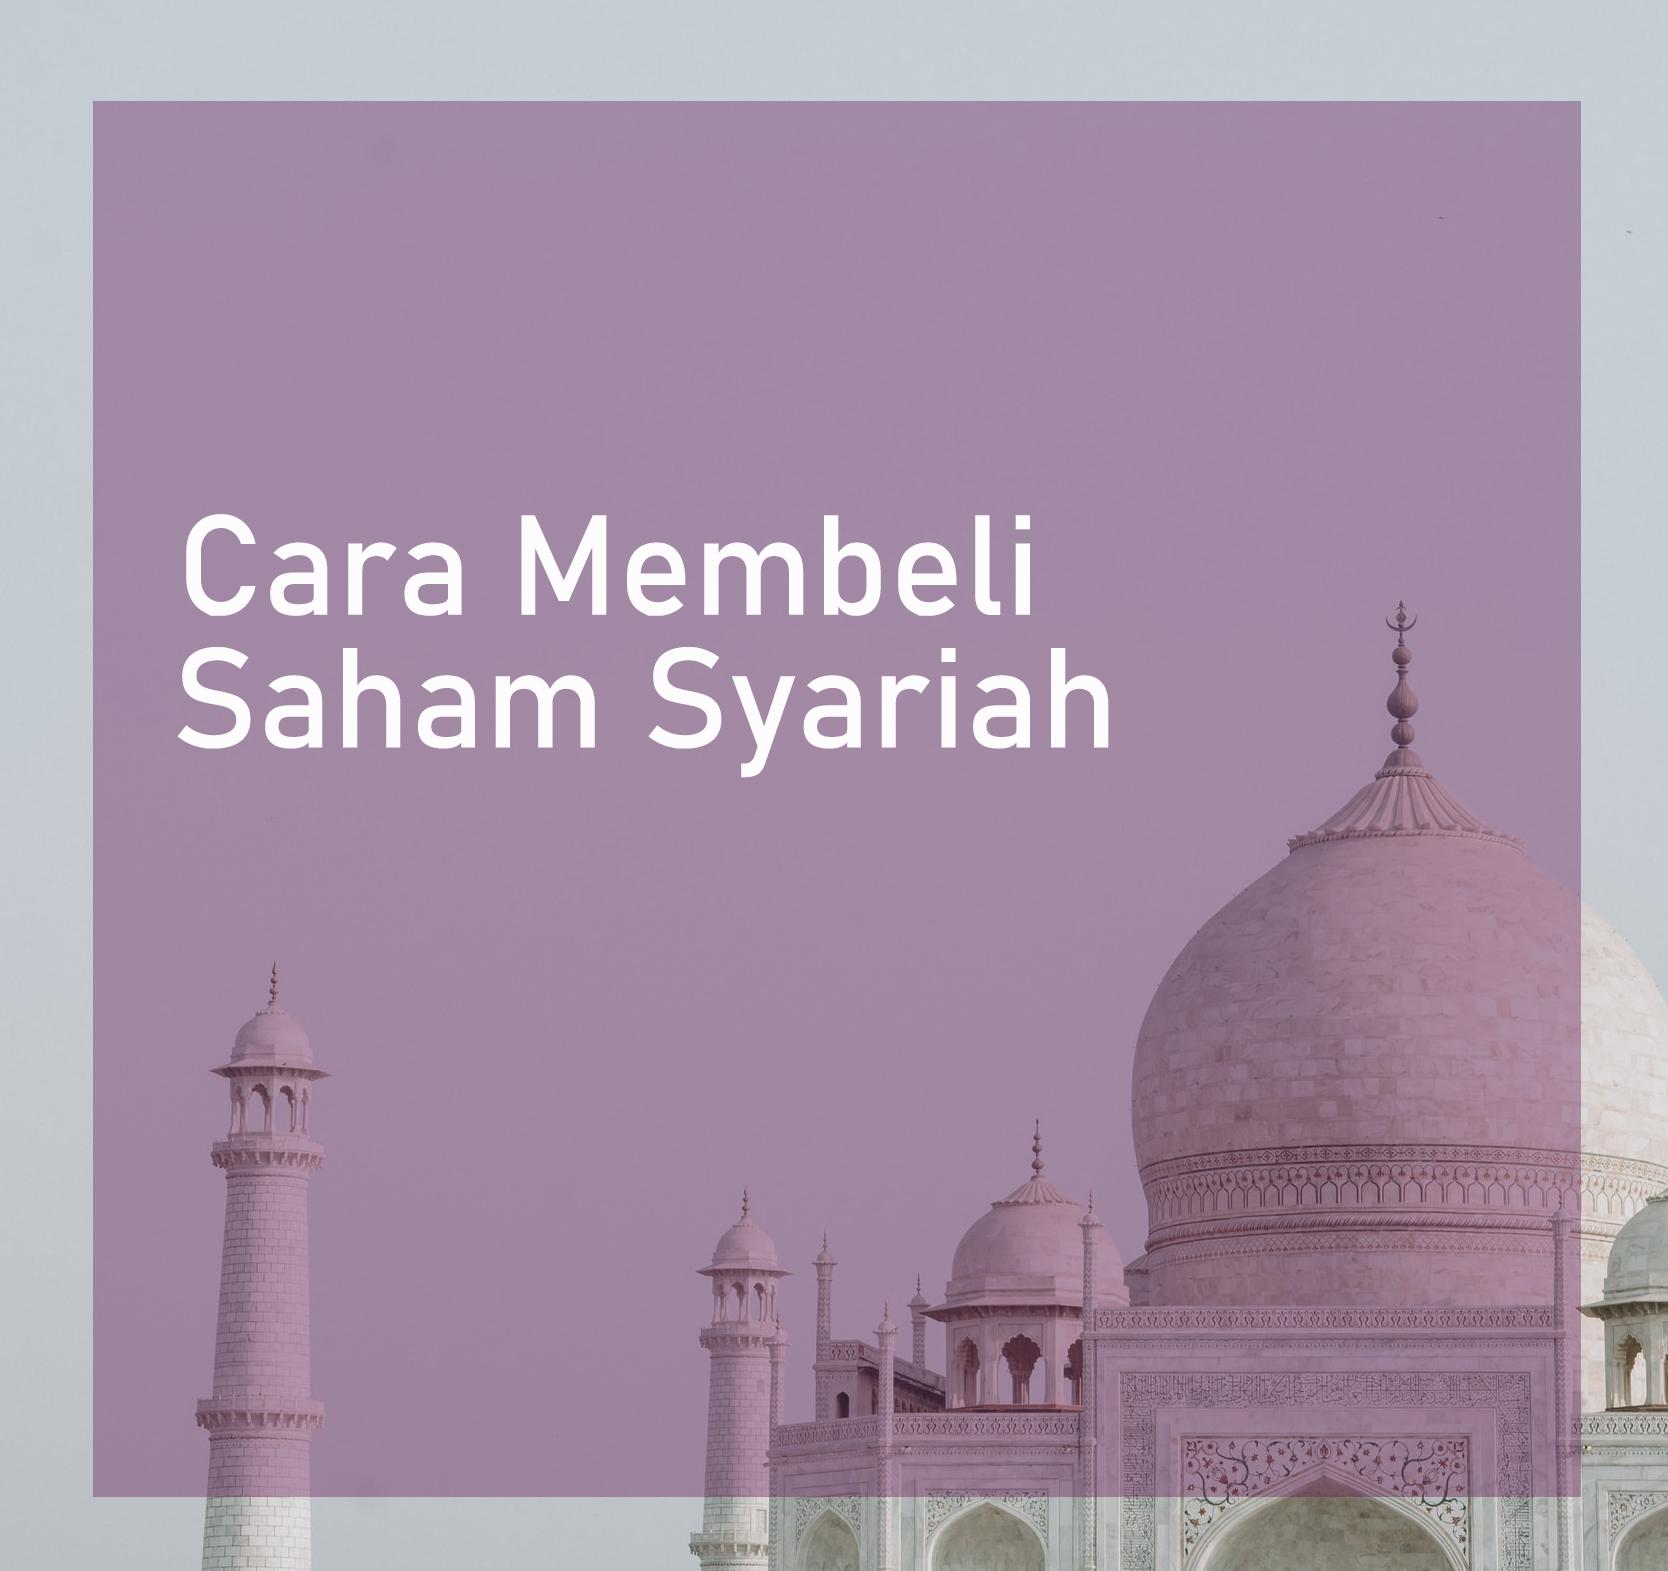 Cara Membeli Saham Syariah